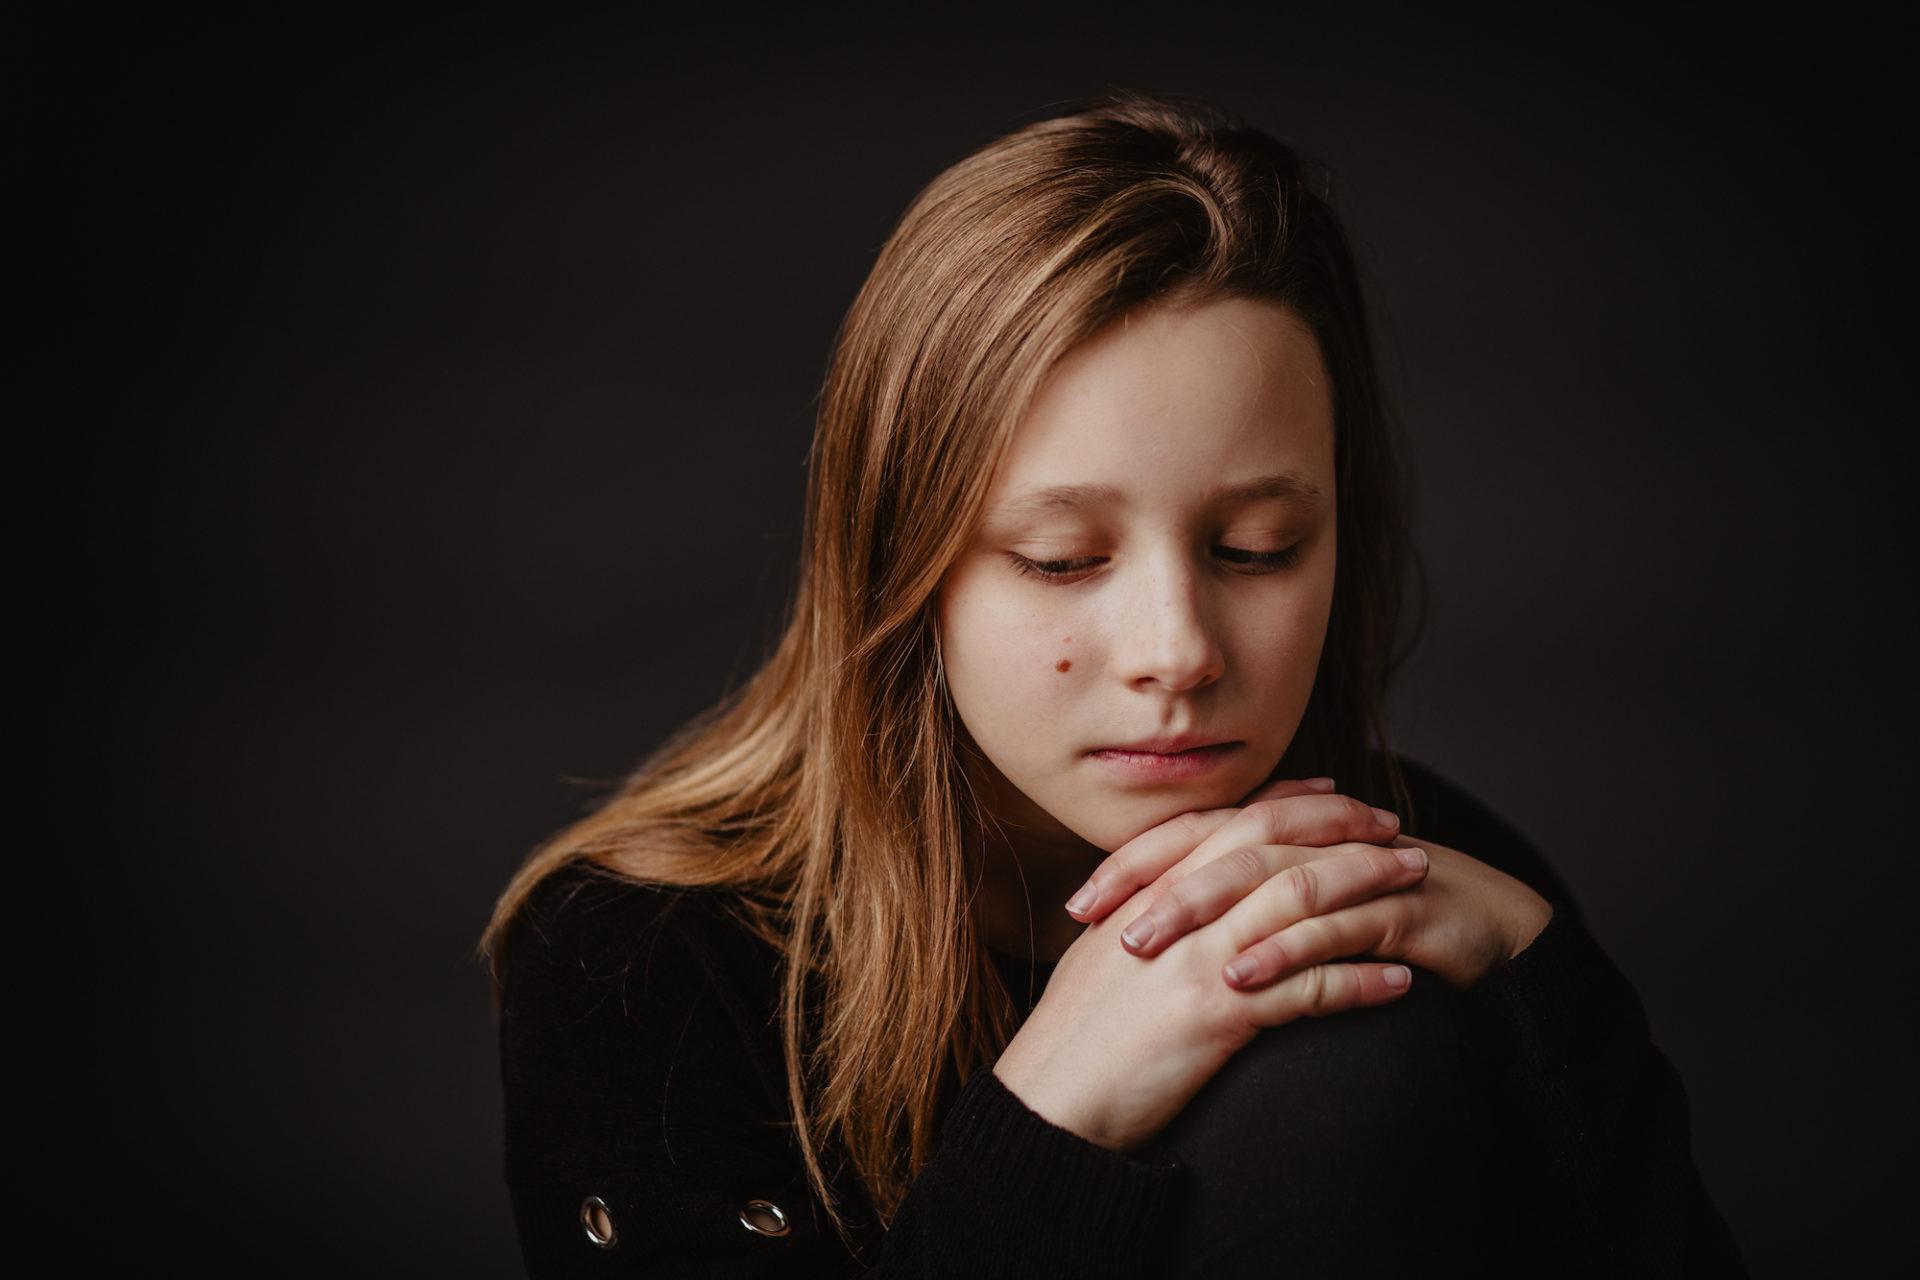 Baśka – sesja zdjęciowa dla nastolatki